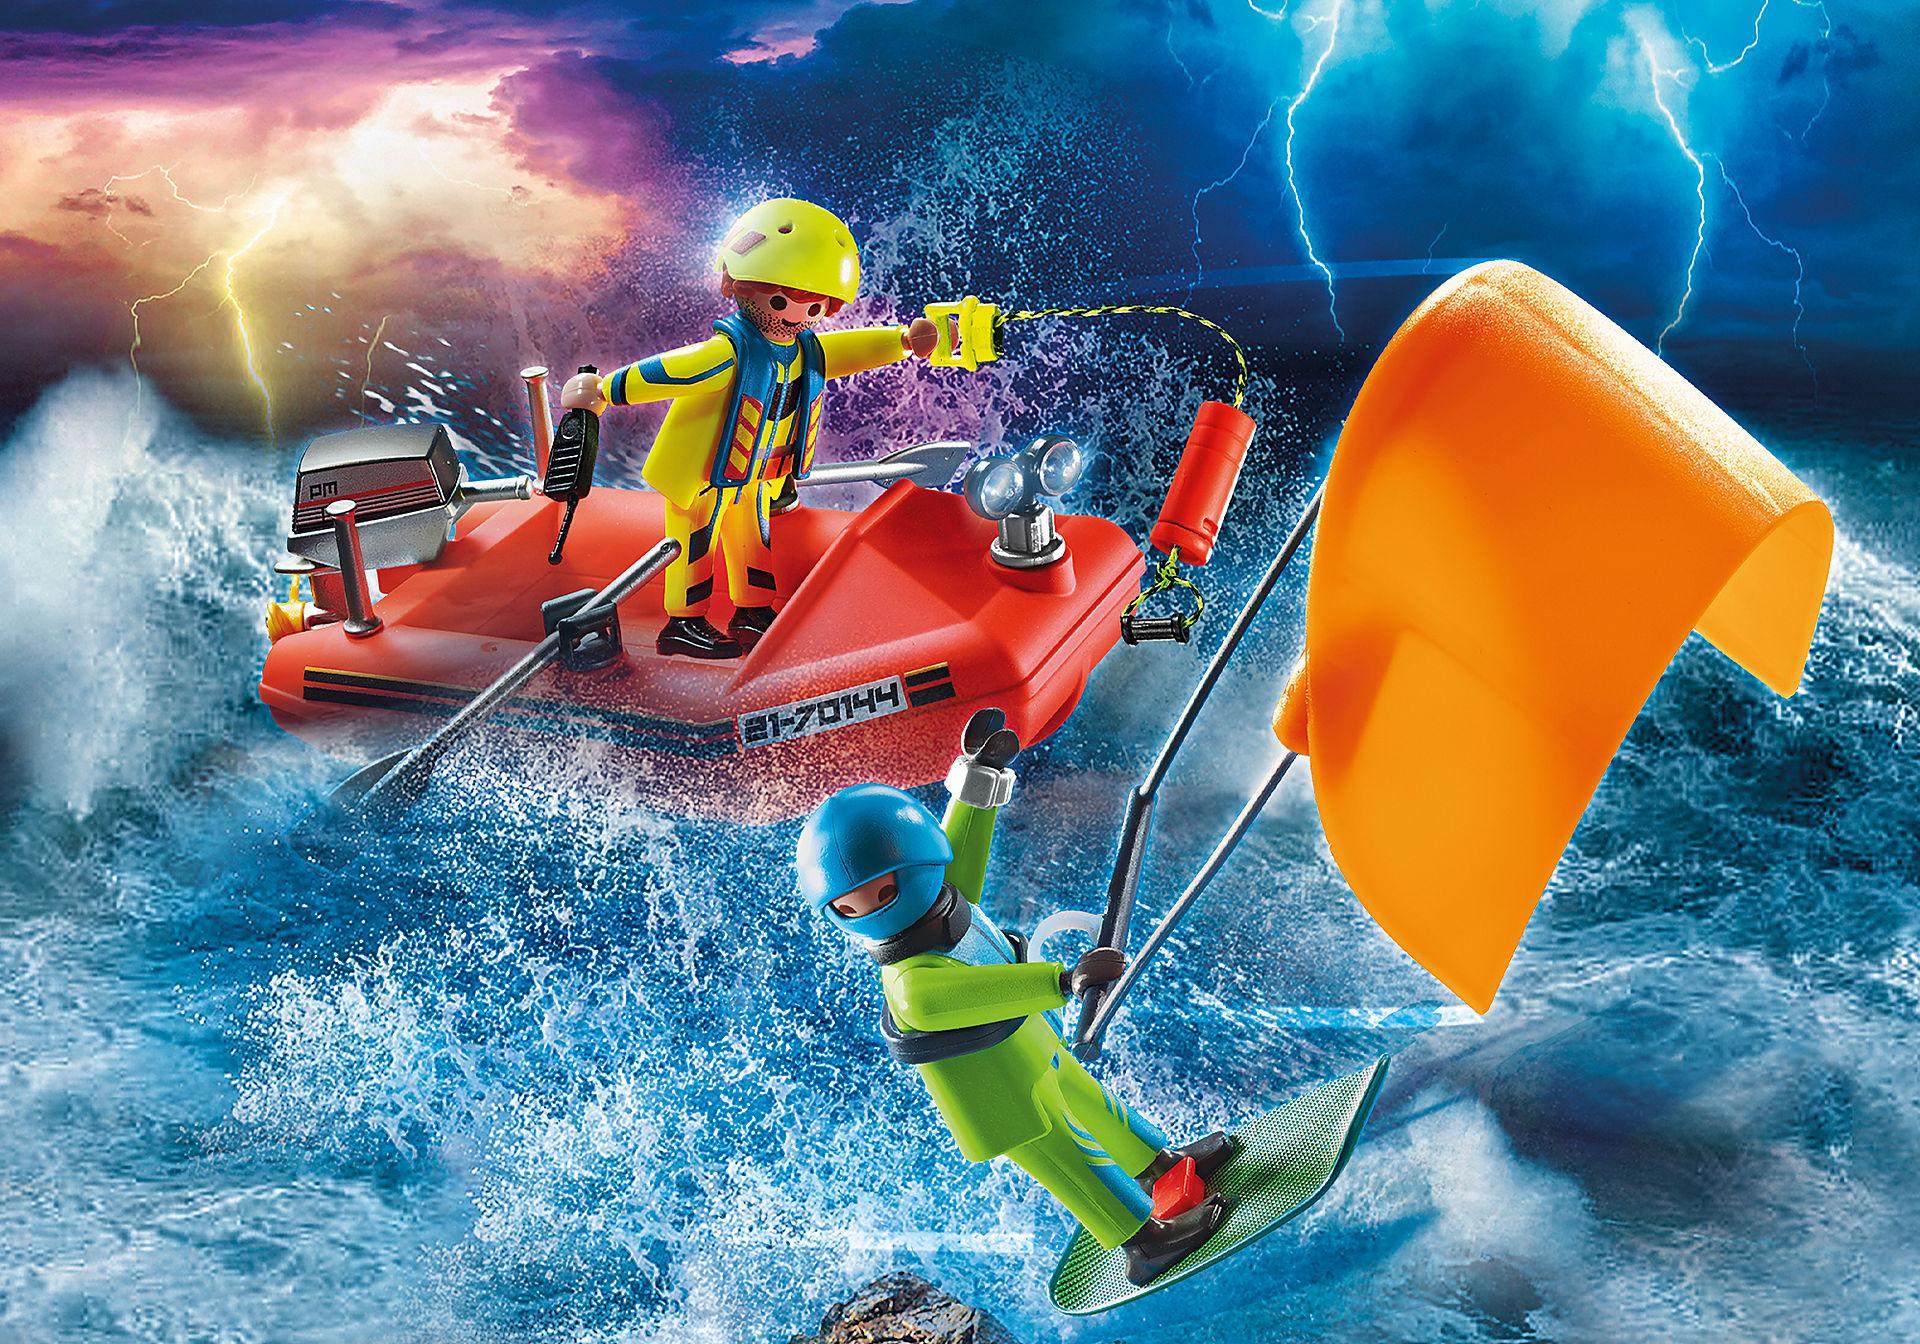 70144 Redding op zee: kitesurfersredding met boot zoom image1